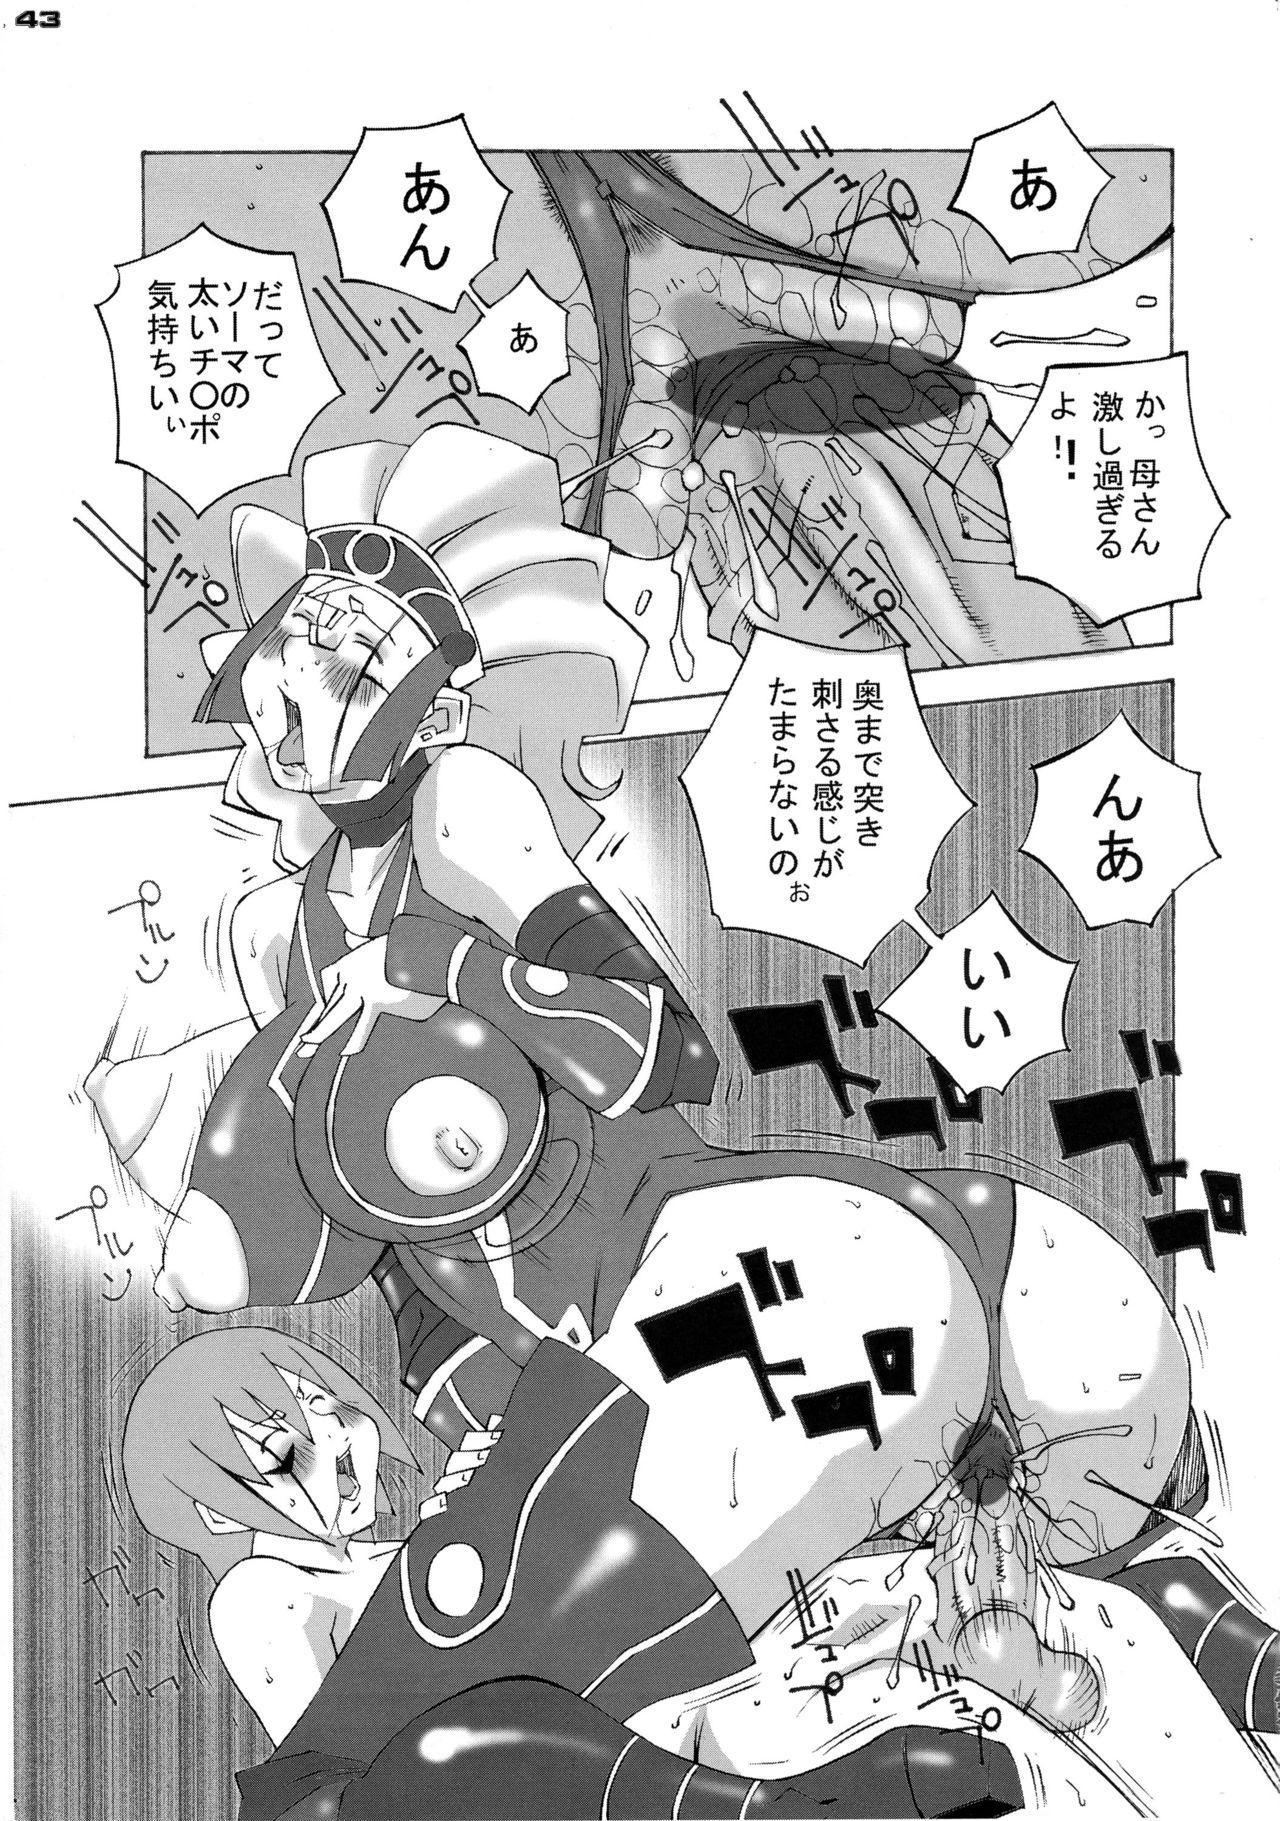 Shin Hanzyuuryoku XII 42